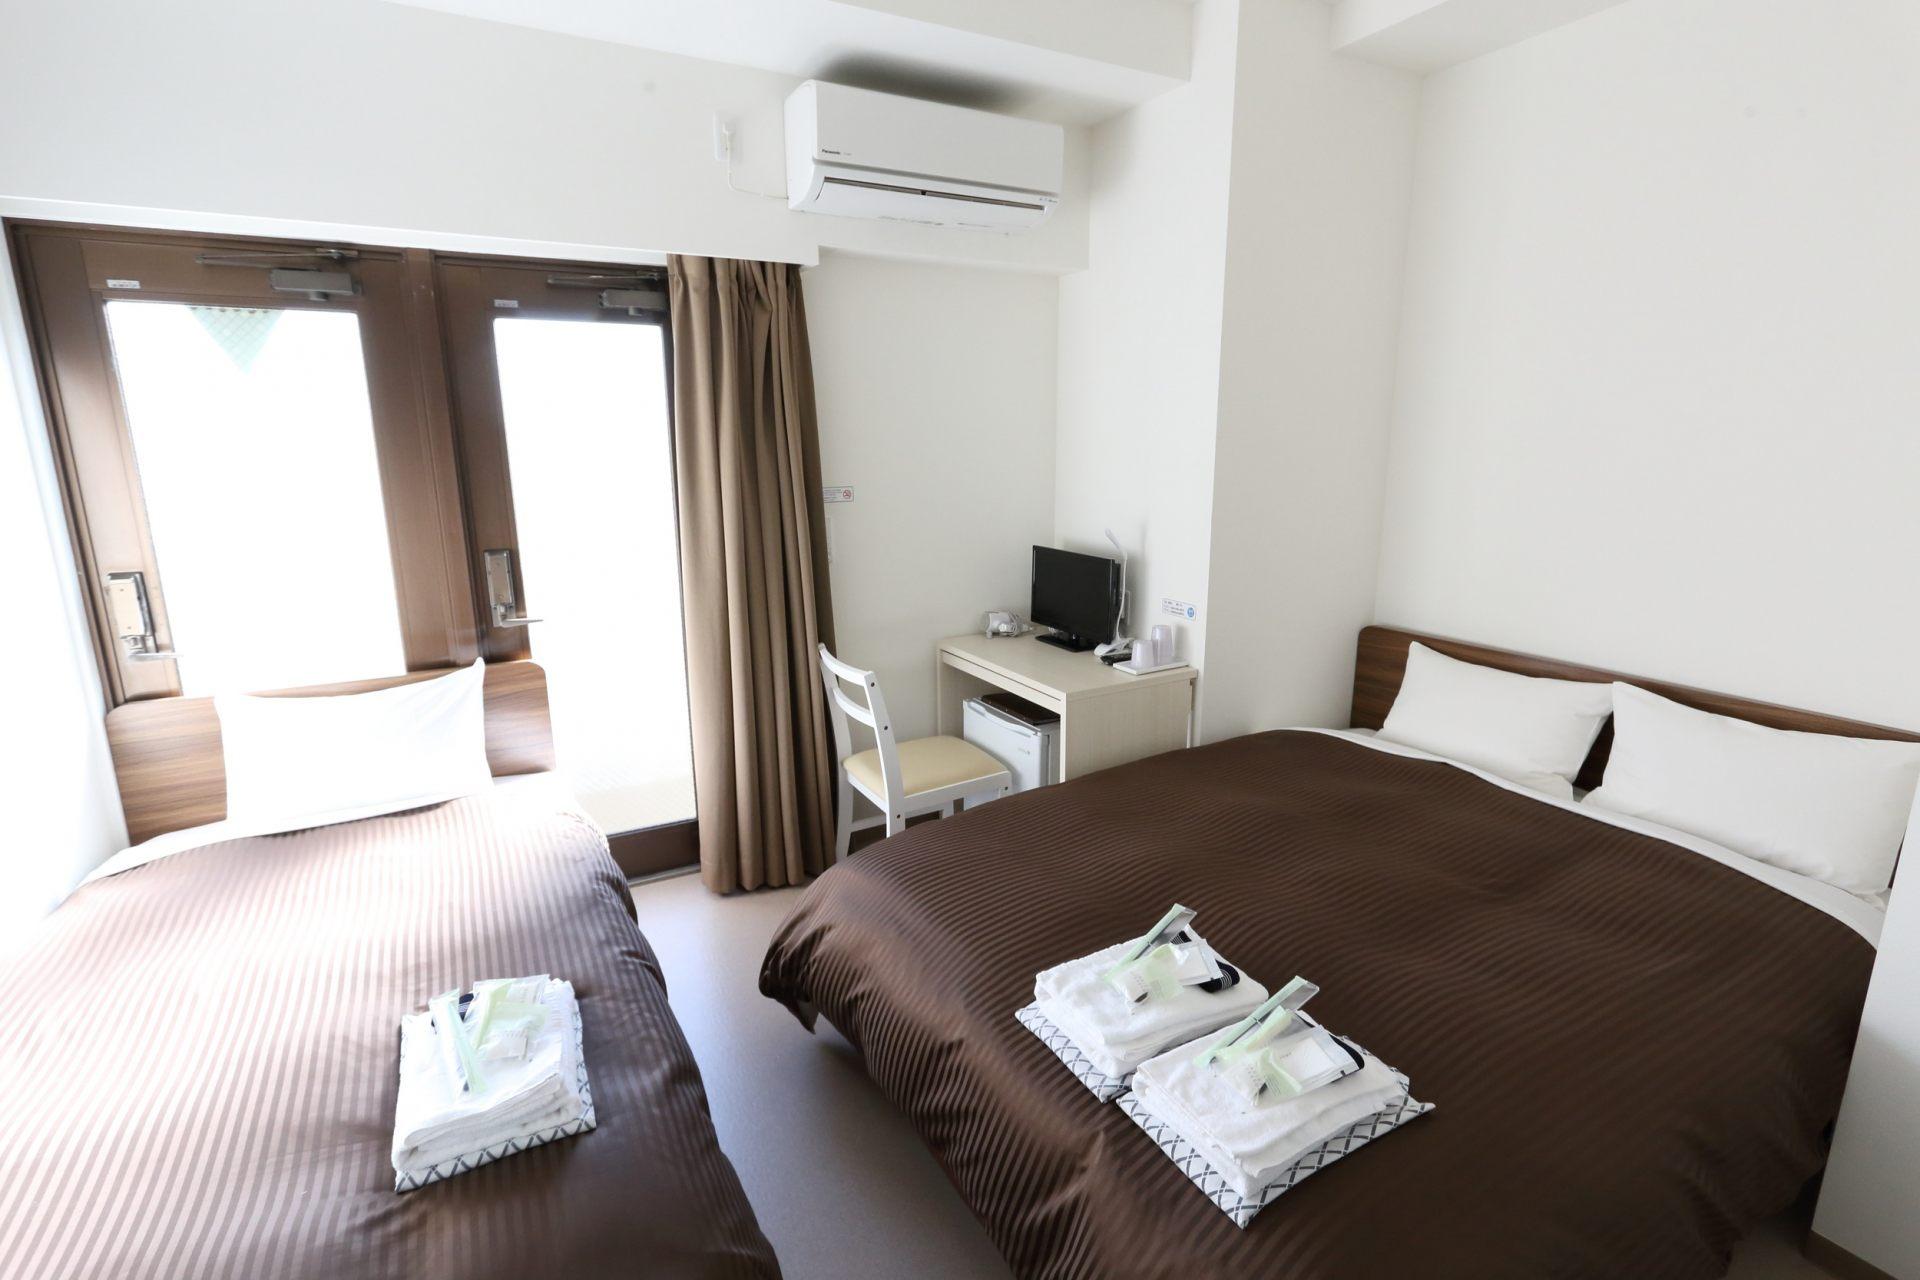 Triple Room (from 14,000 yen)